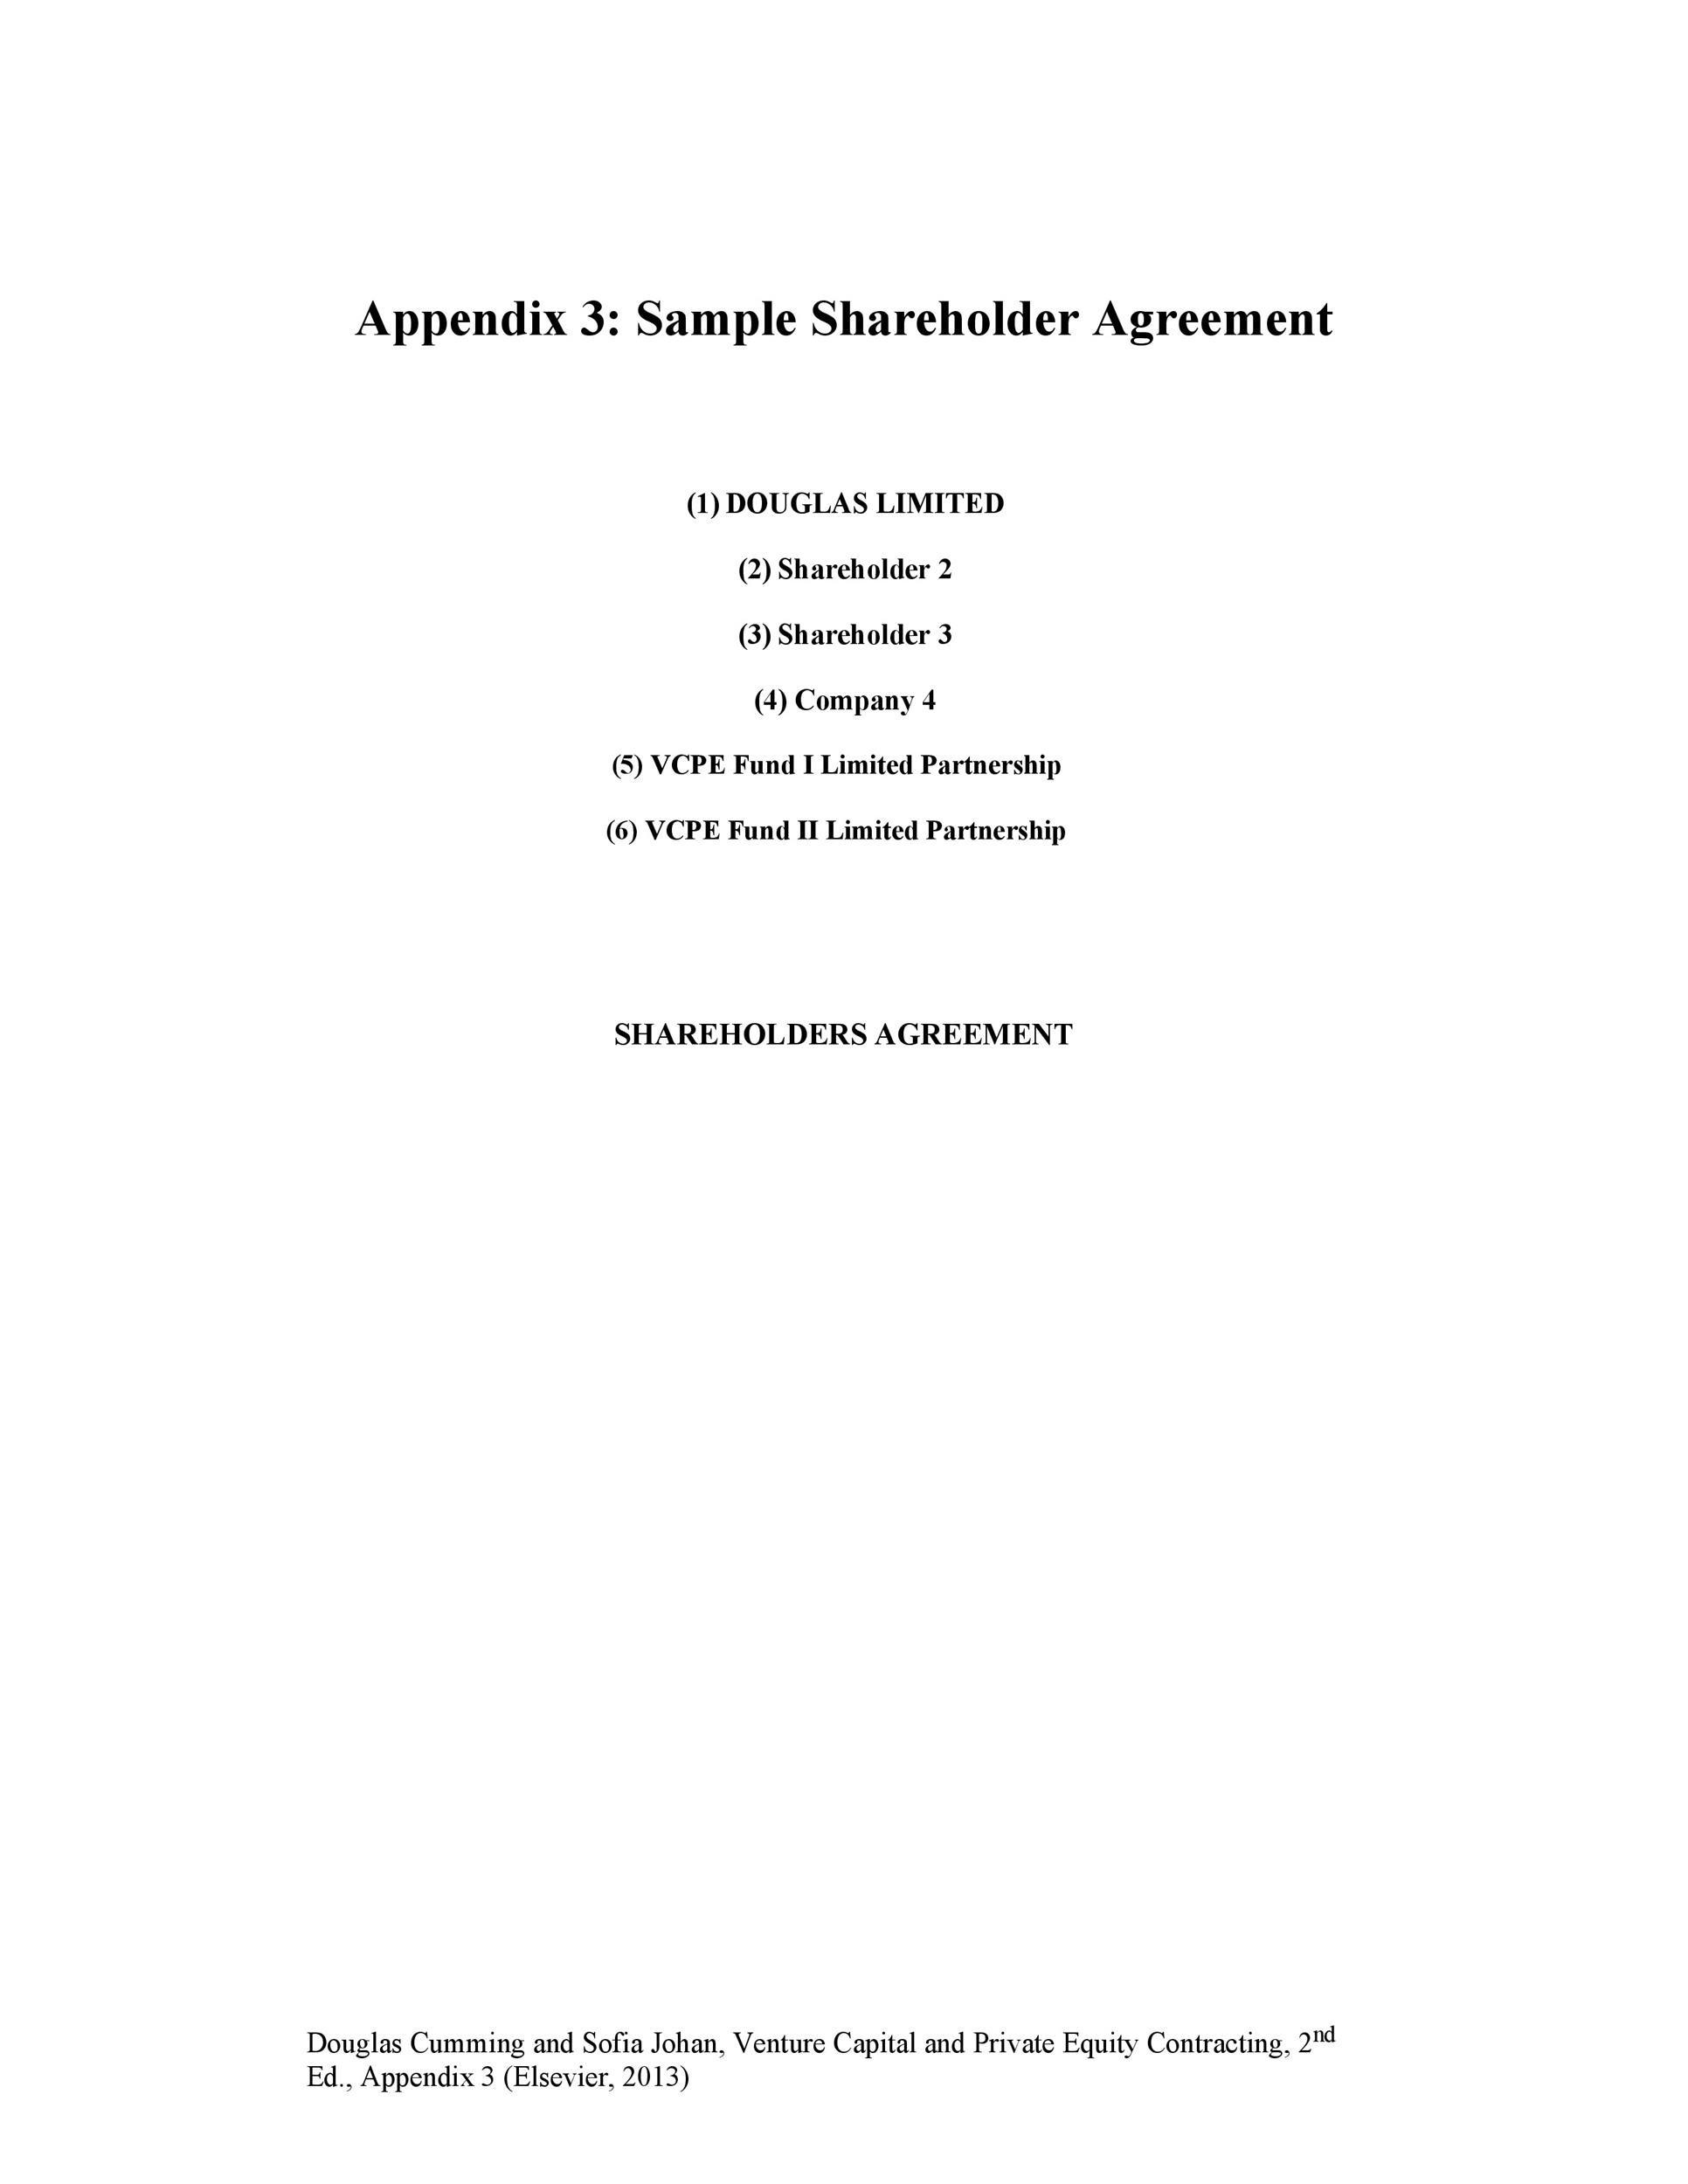 Free shareholder agreement 33